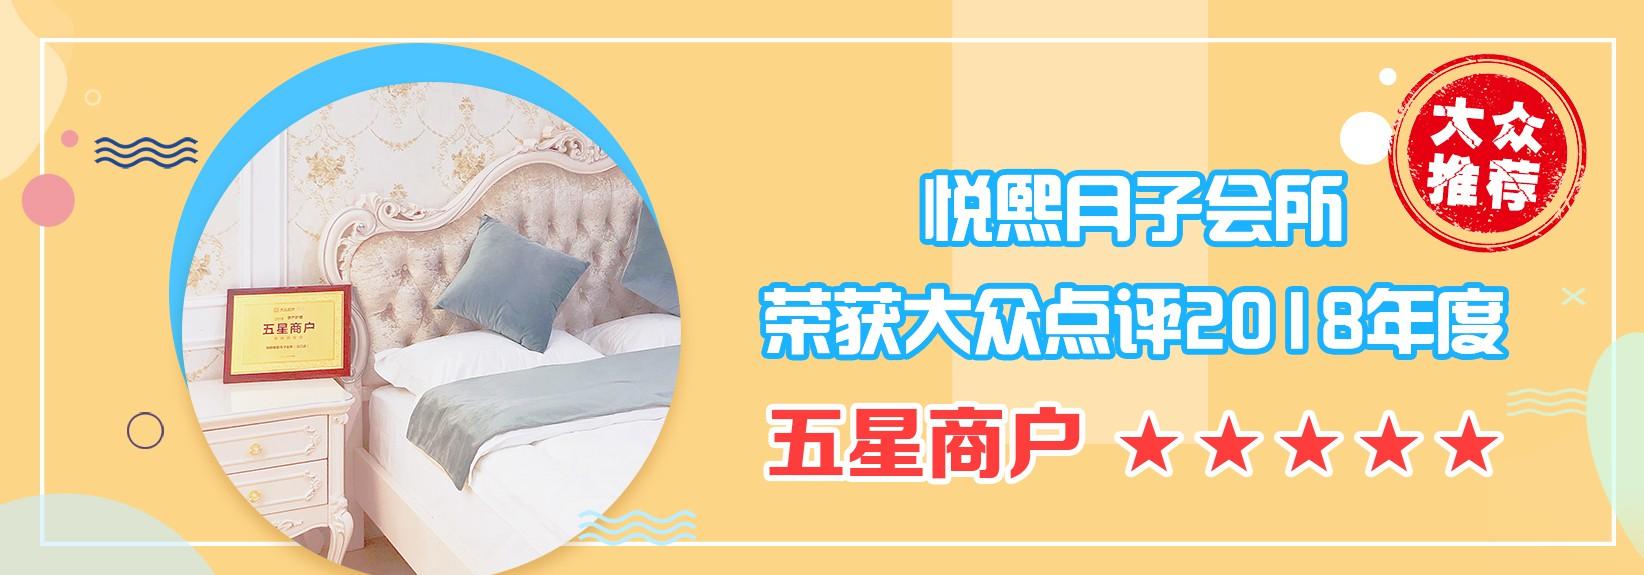 悦熙九江店活动图4